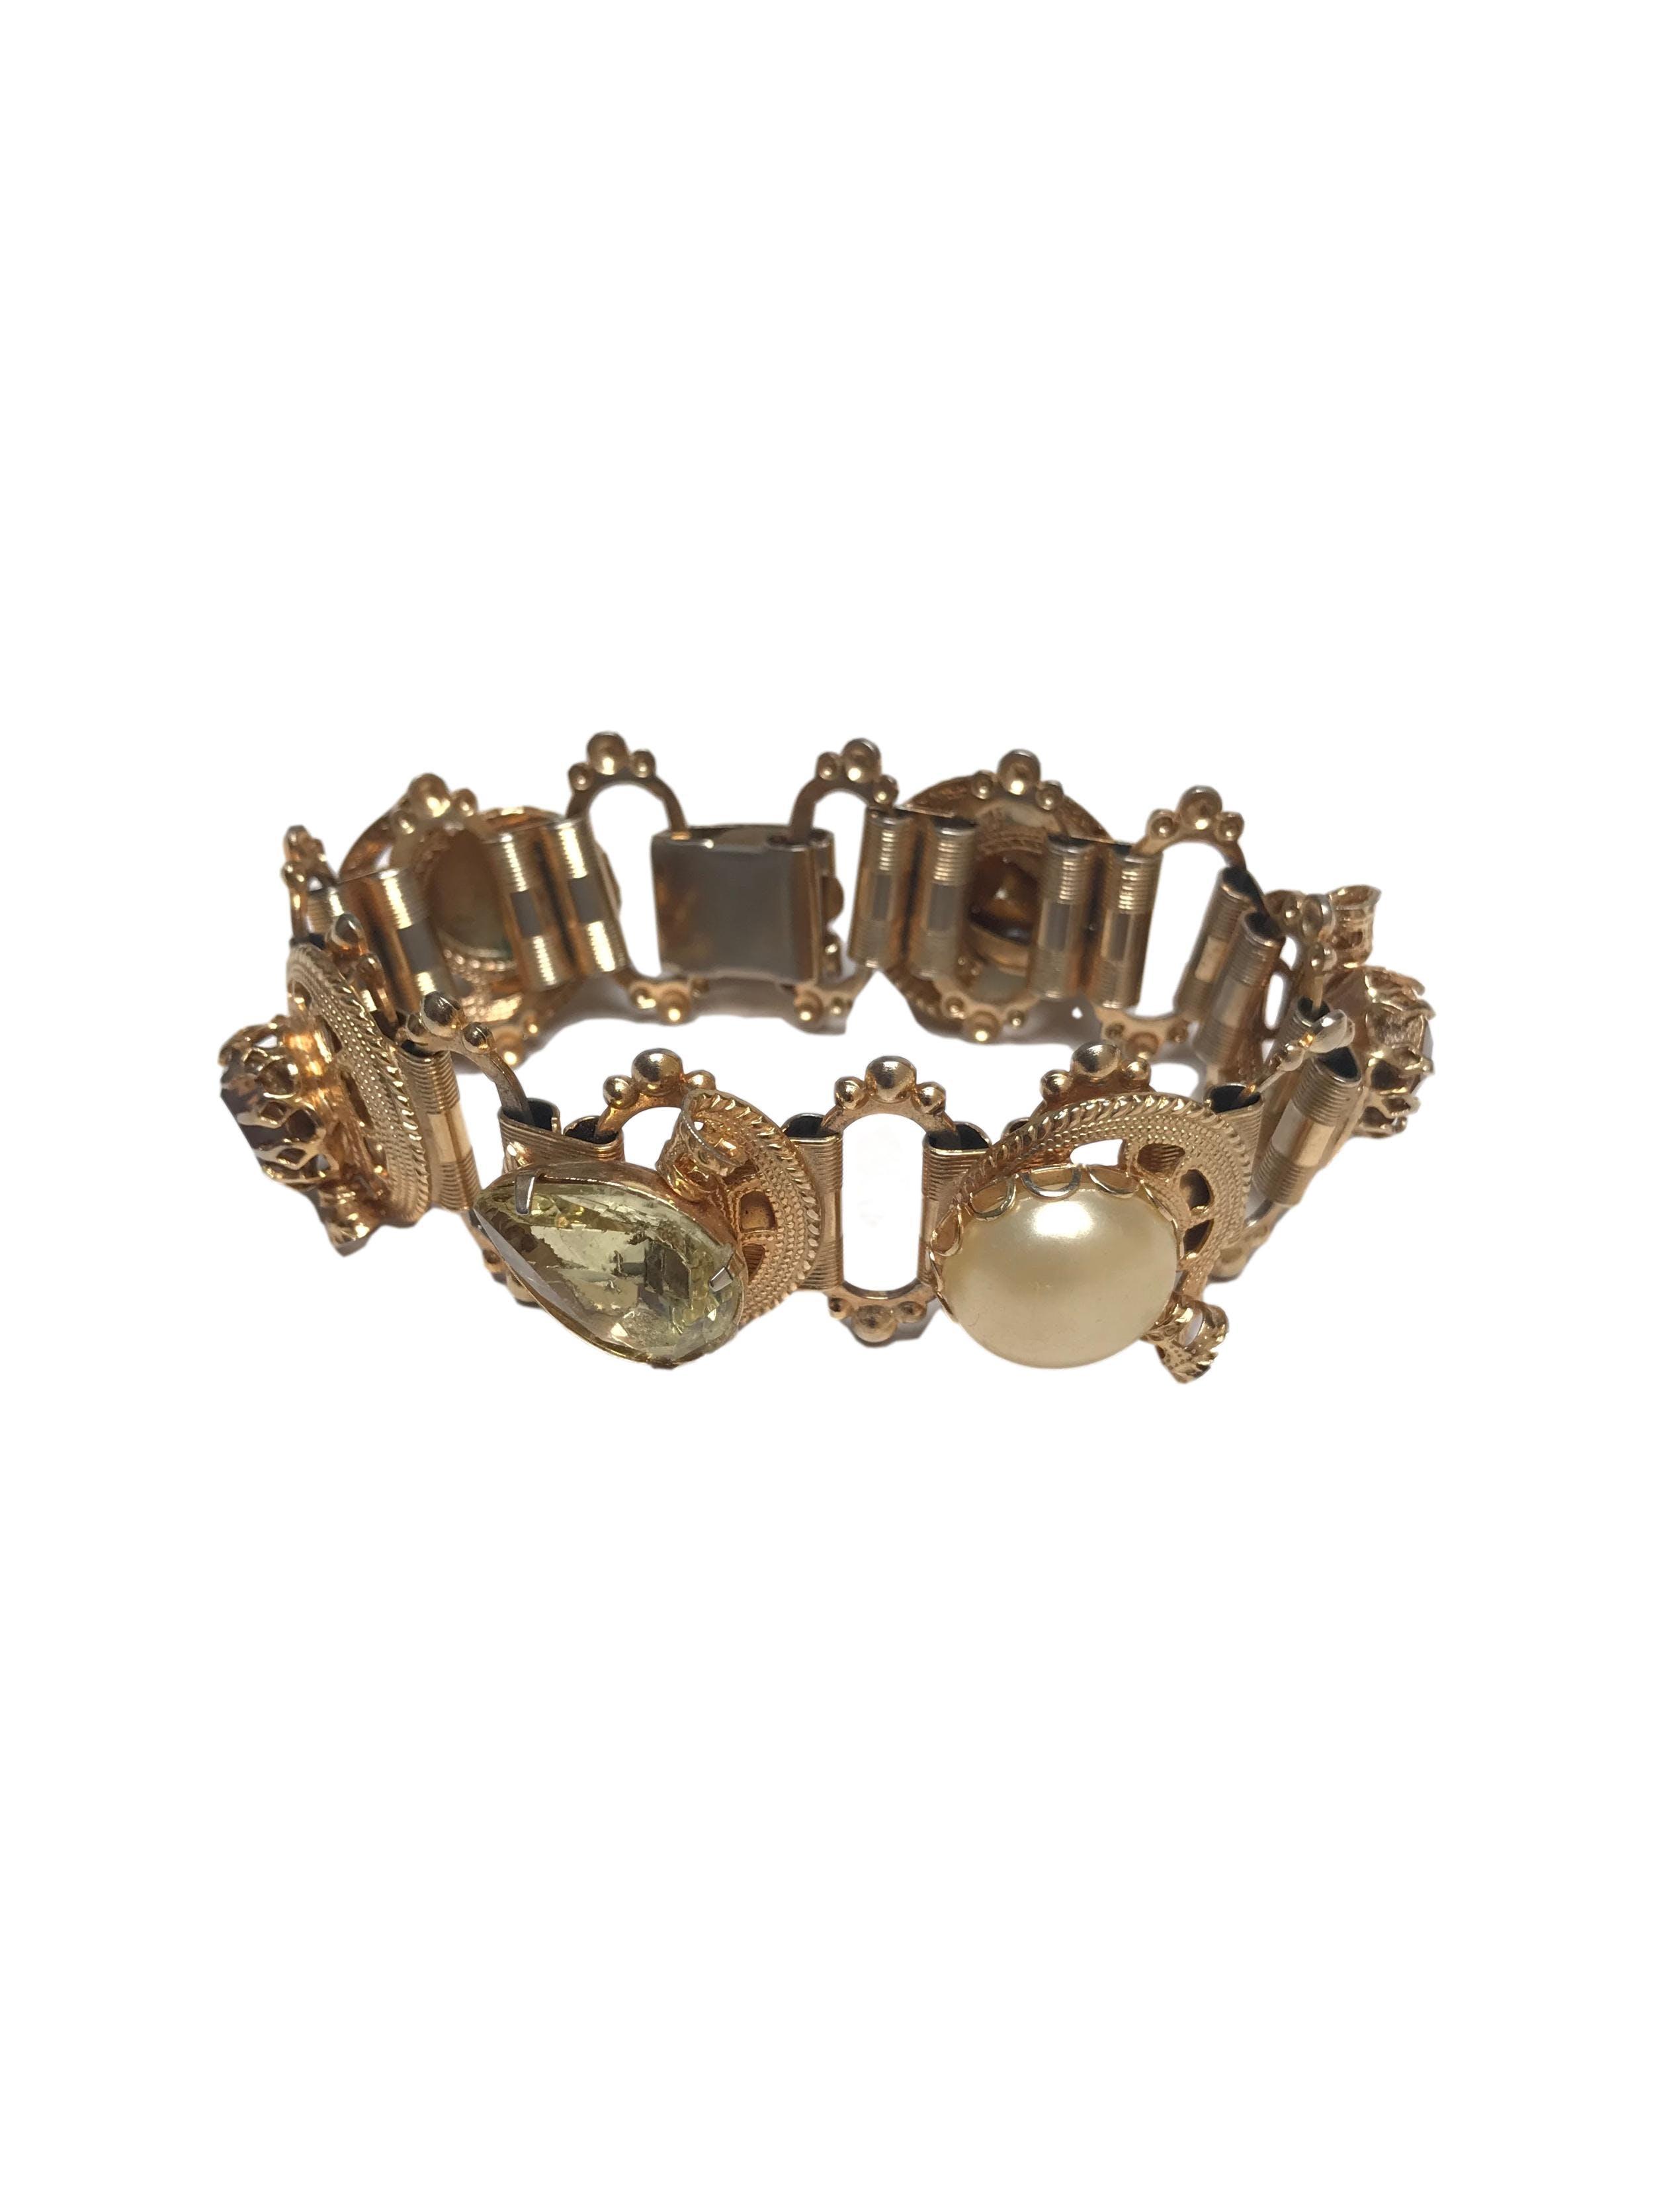 Pulsera vintage dorada con aplicaciones de piedras y perlas, ancho 2.5cm